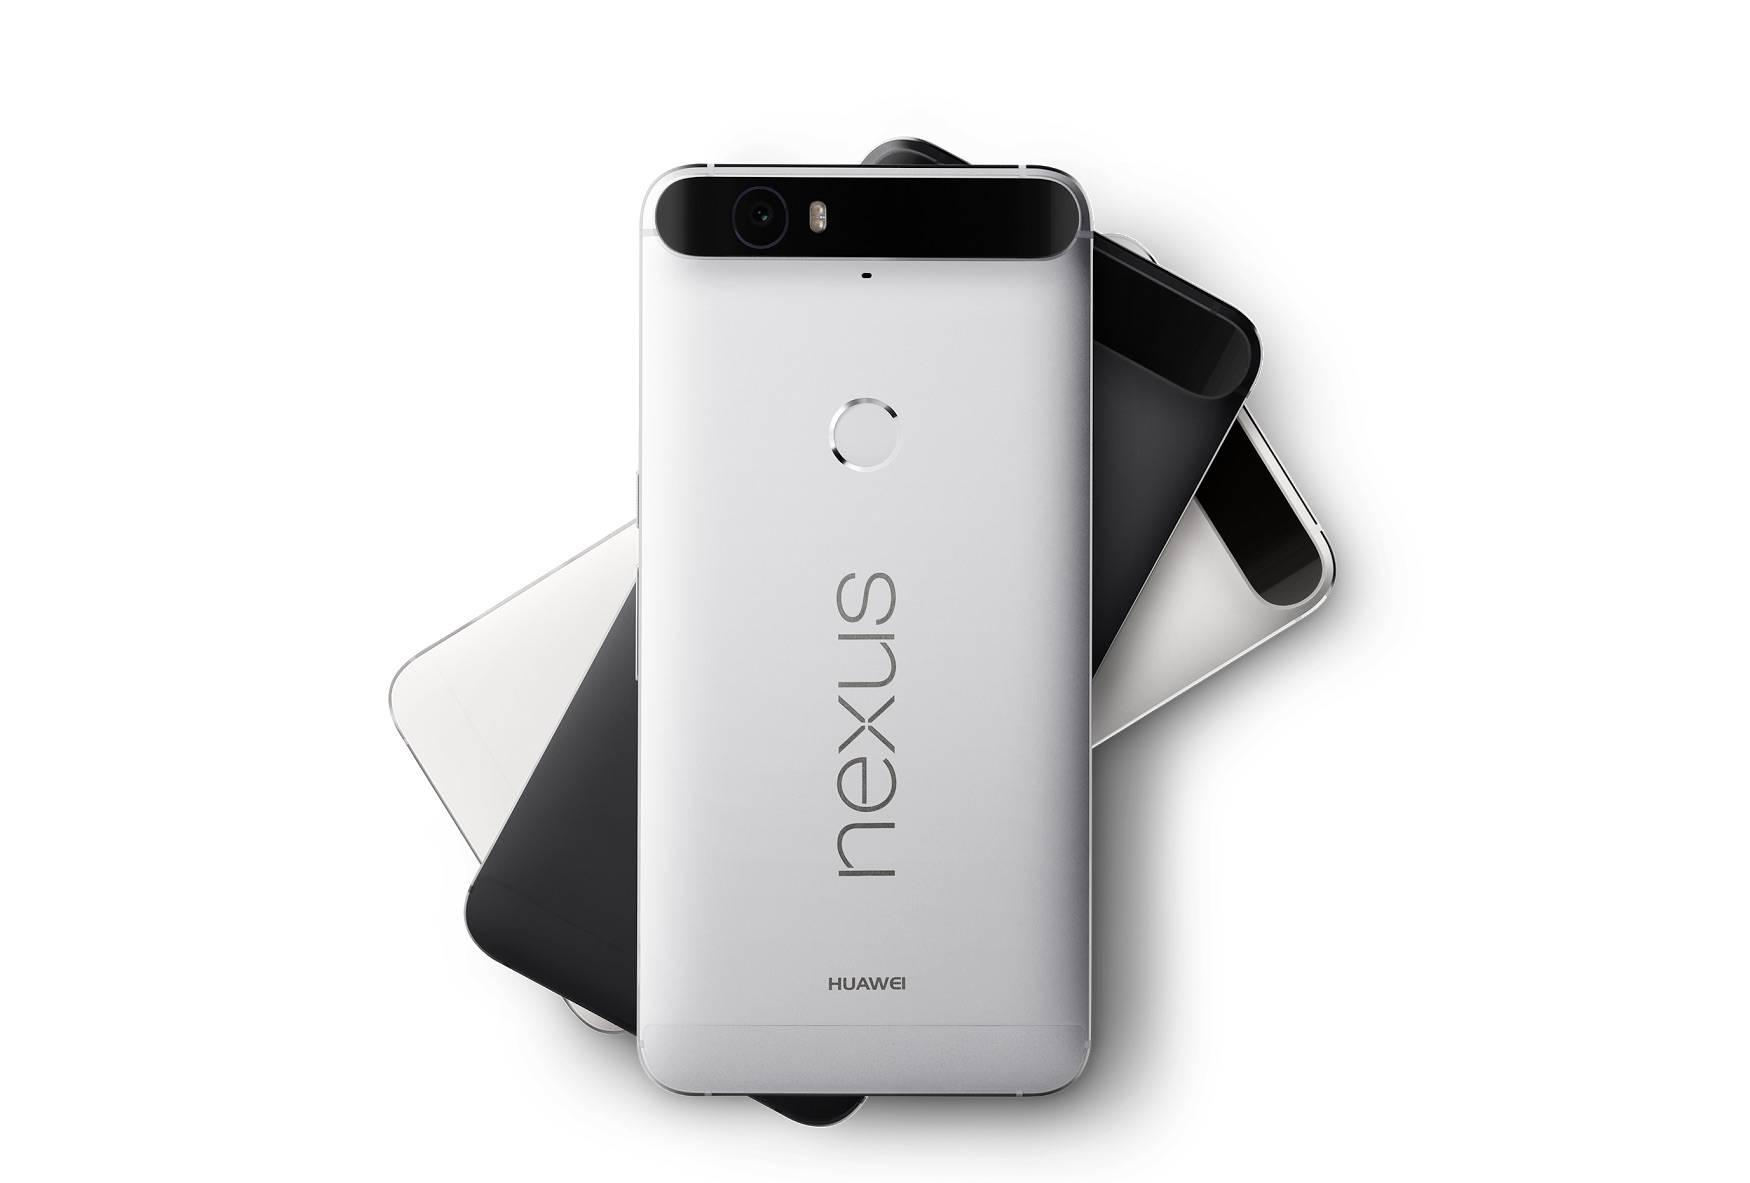 nexus6p-1cc84f839a09f7720a69a00e3c518db9.jpg